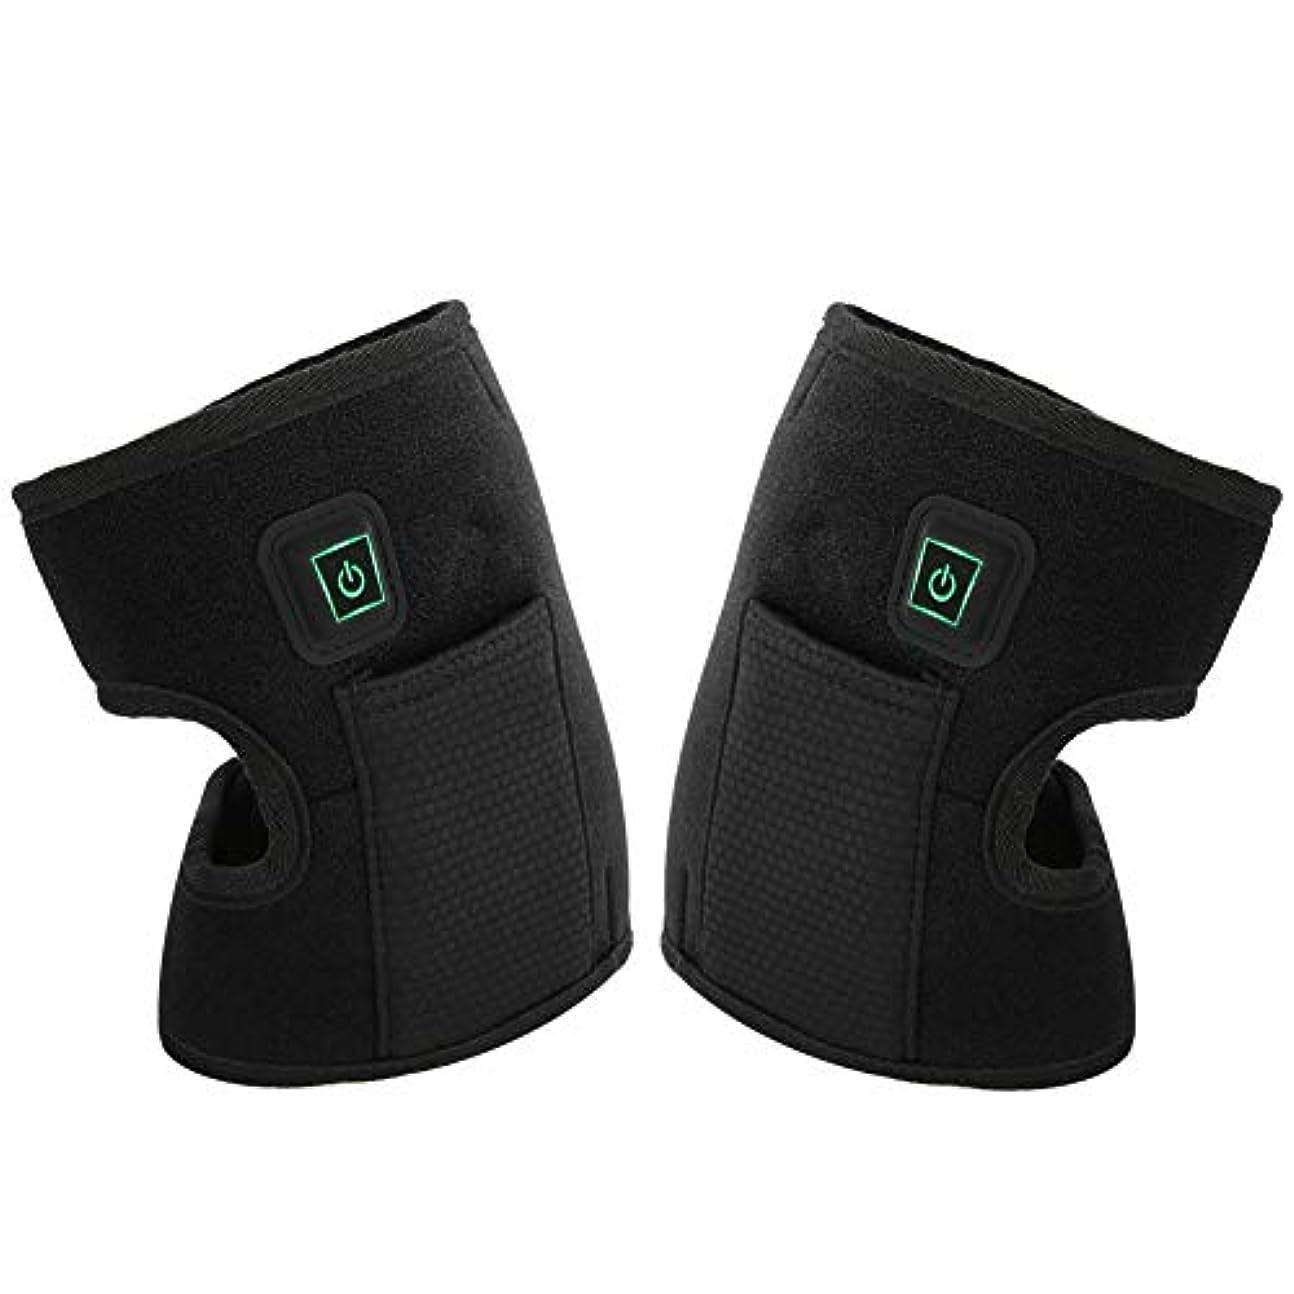 苦さびた矢膝サポーター 保温 電熱 膝パッド ホット 3つのギア温度設定 電気膝パッド 加熱膝パッド 遠赤外線技術 腕、背中、腰、脚の振動マッサージ